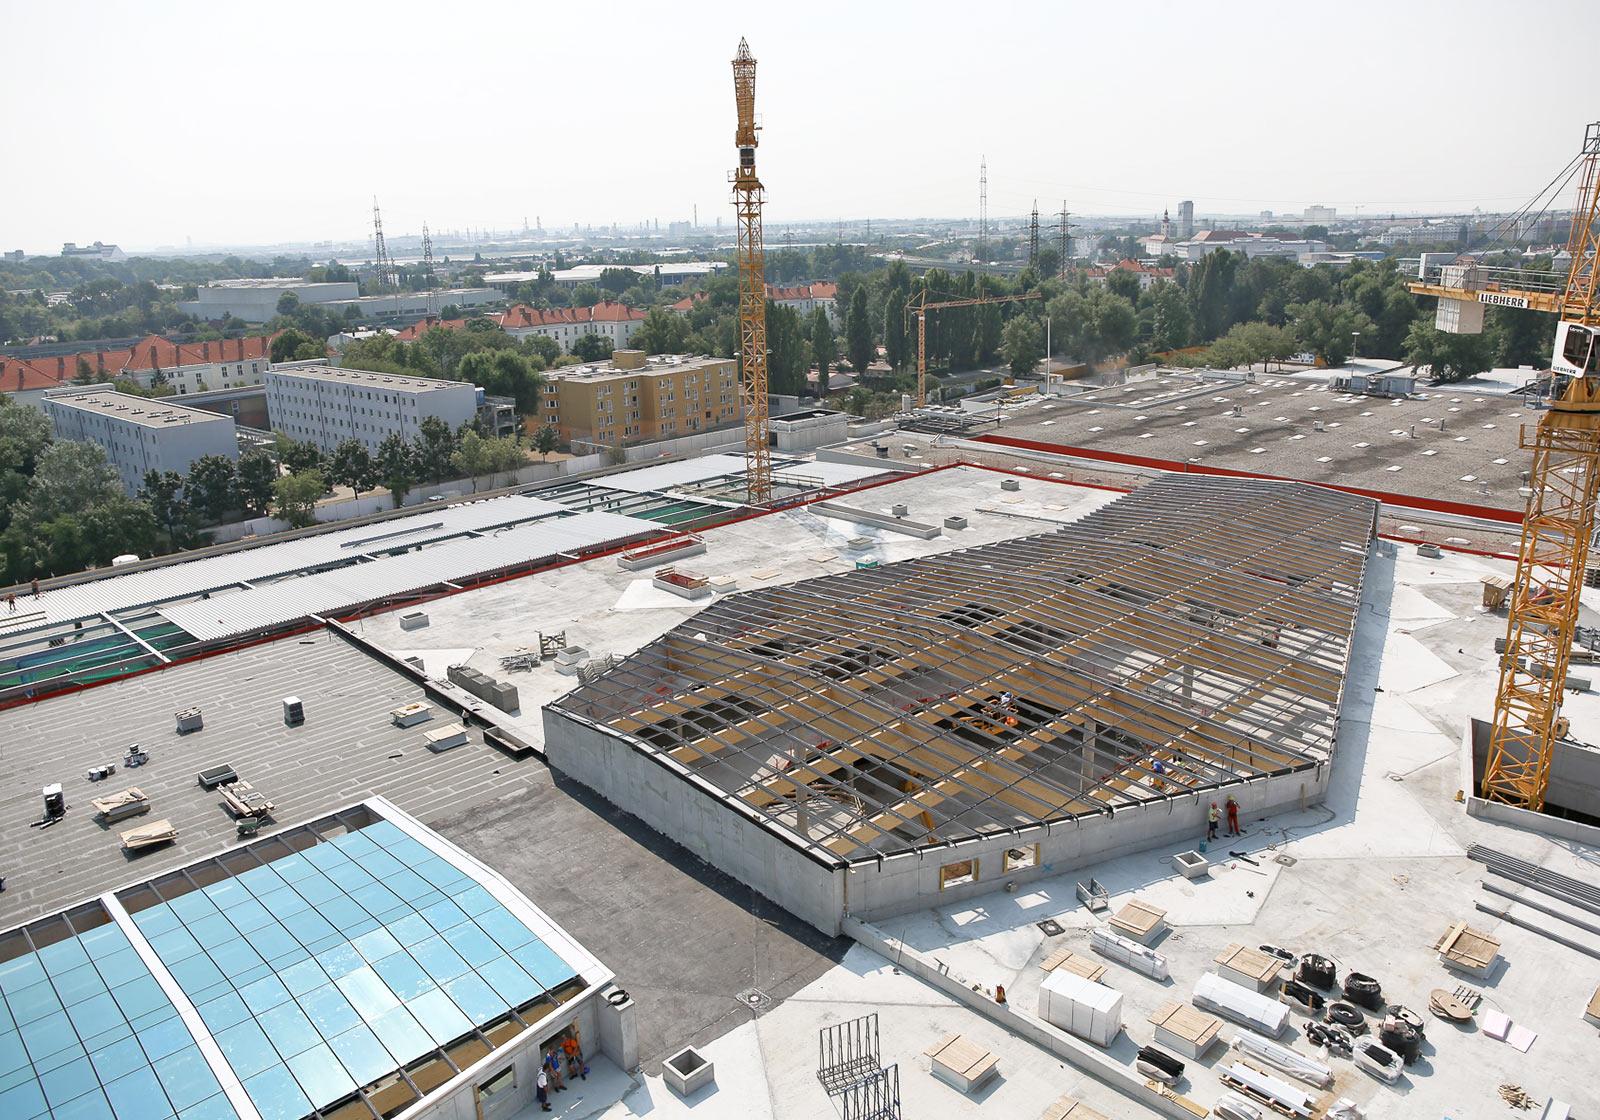 Baustelle der Superlative: Bis zu 200 Menschen und vier Turmdrehkräne sind auf Wiens größter Handelsbaustelle Wiens derzeit im Einsatz. Foto: Katharina Schiffl